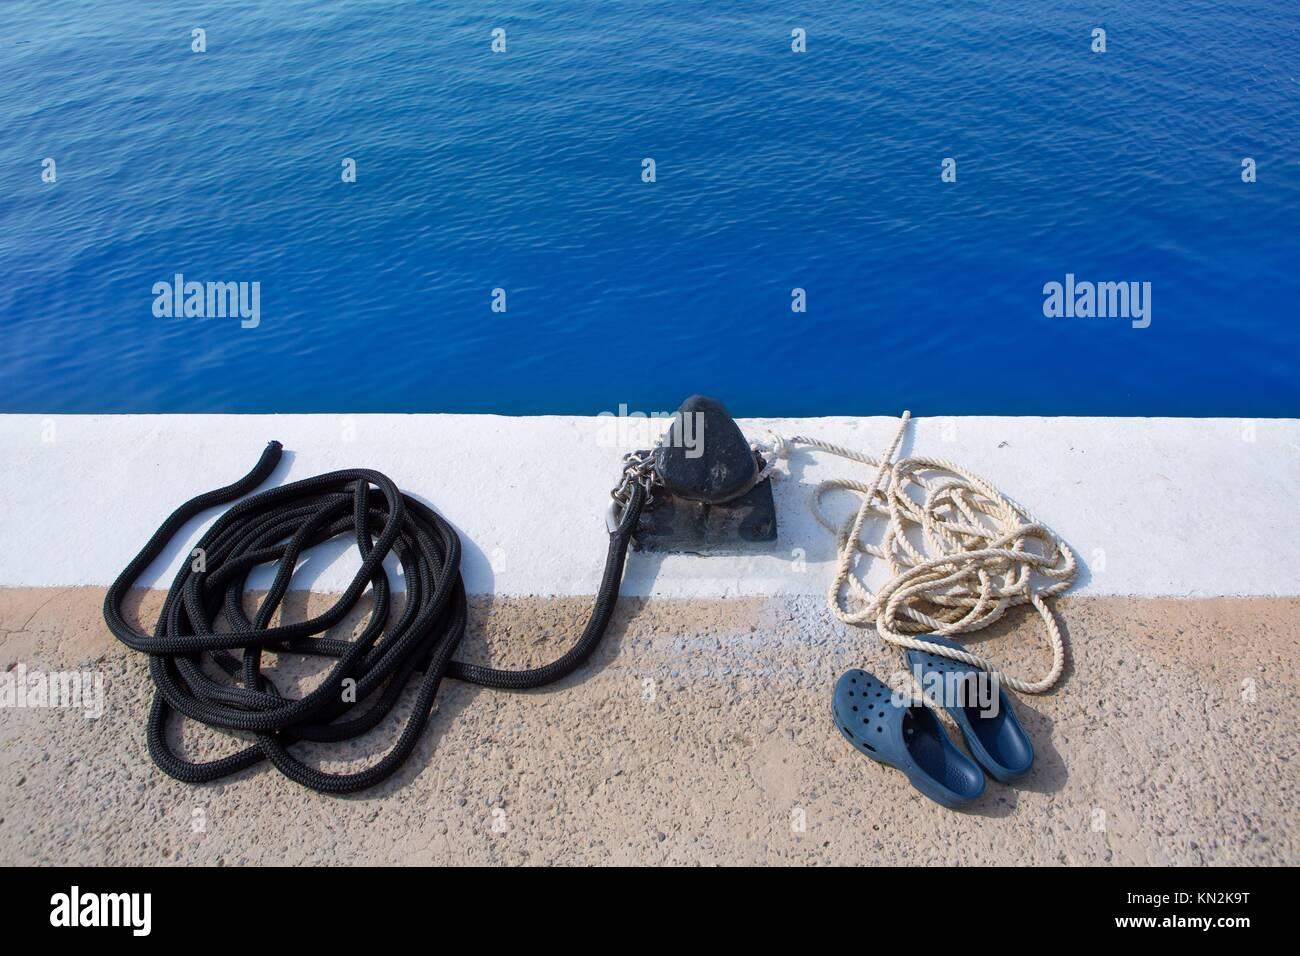 Embarcación noray marine soga y zapatos en puerto deportivo Foto de stock